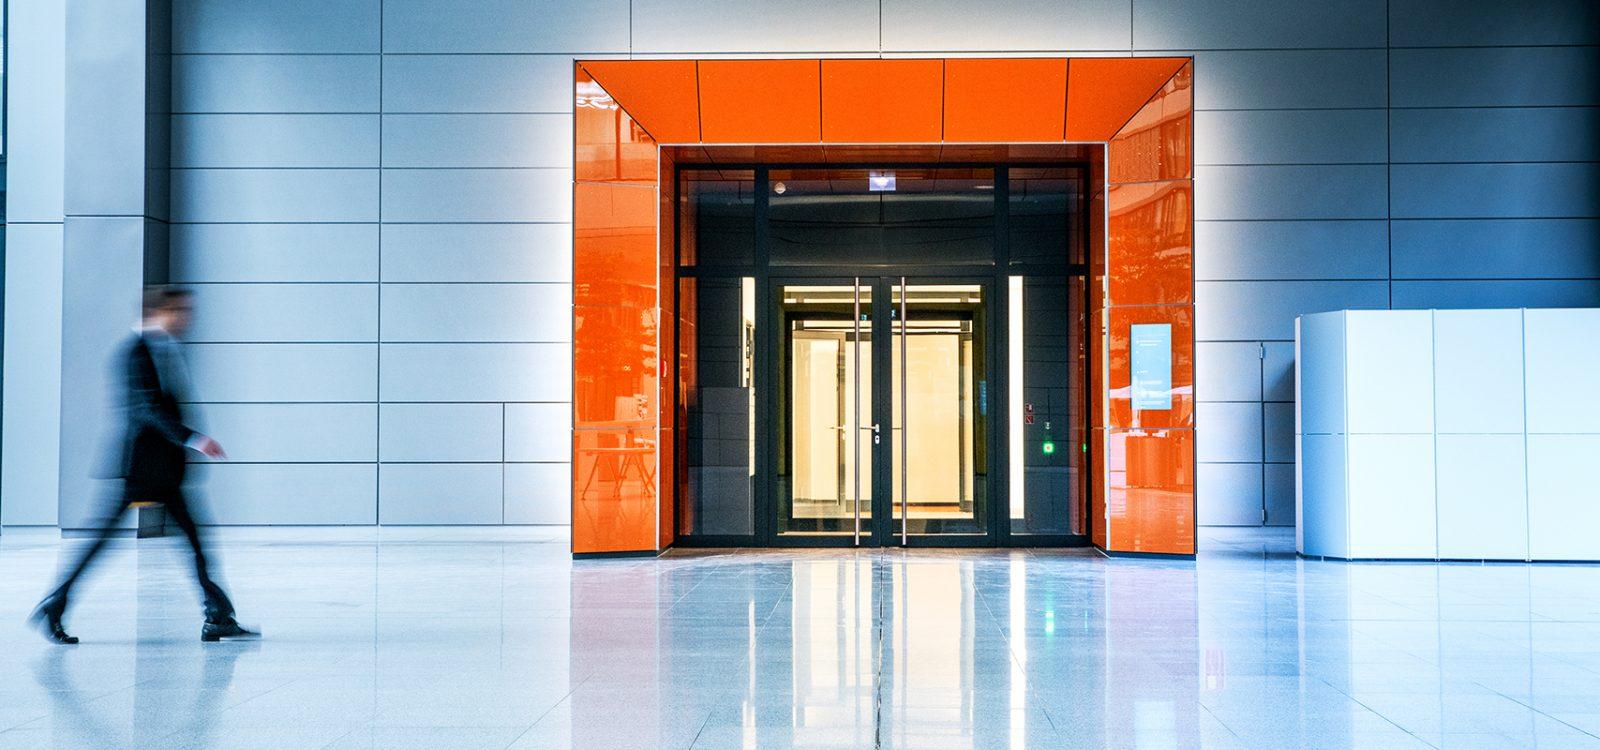 Blurred businessmen walking inside a modern building